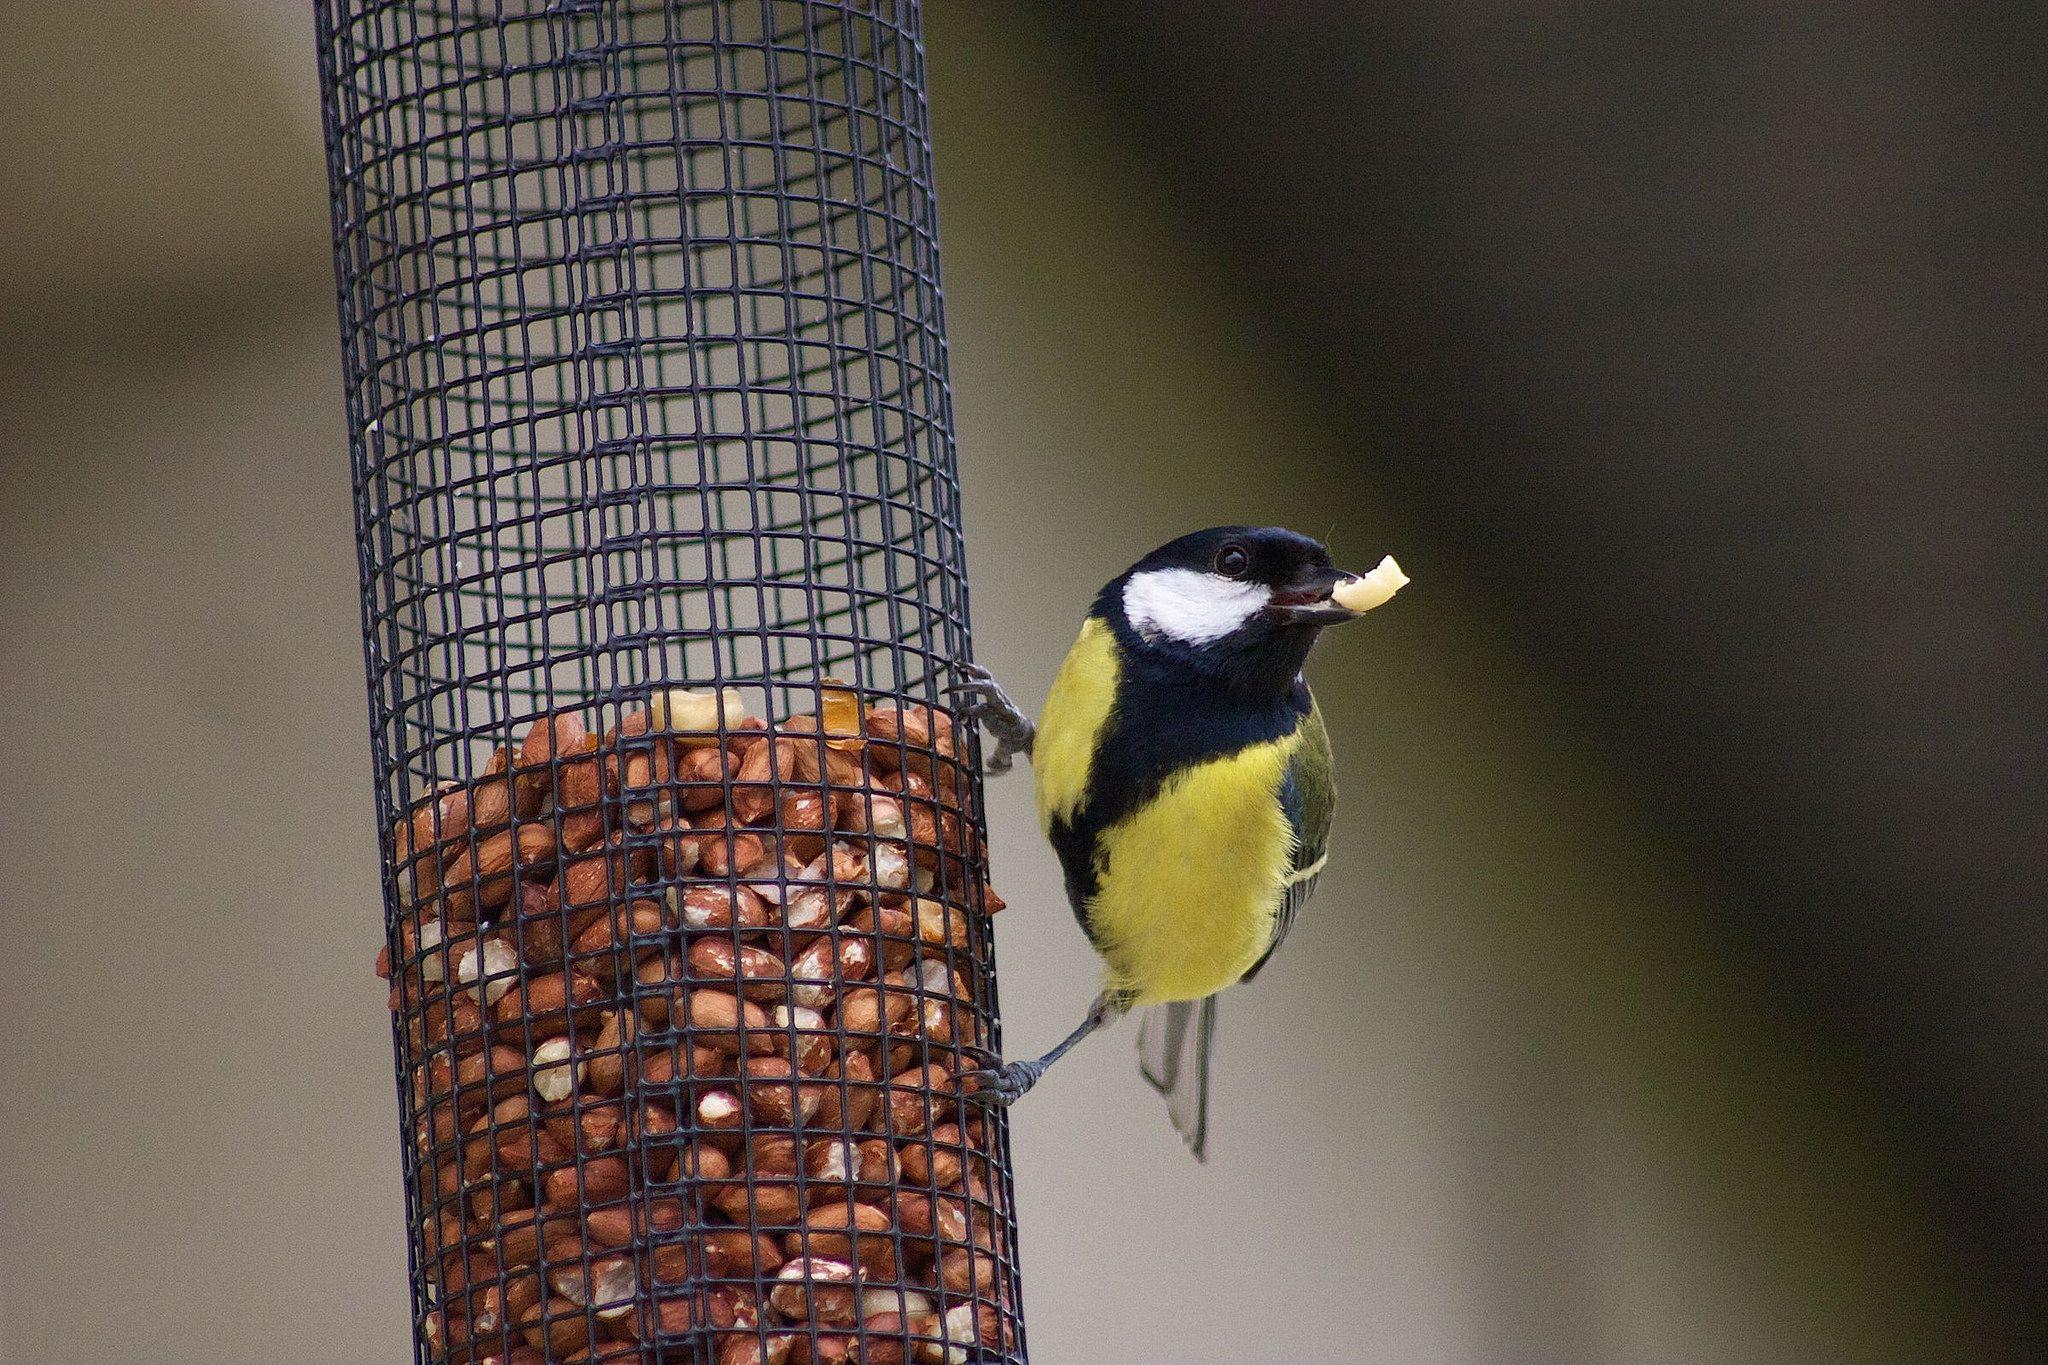 Great_Tit_Bird_at_Birdfeeder